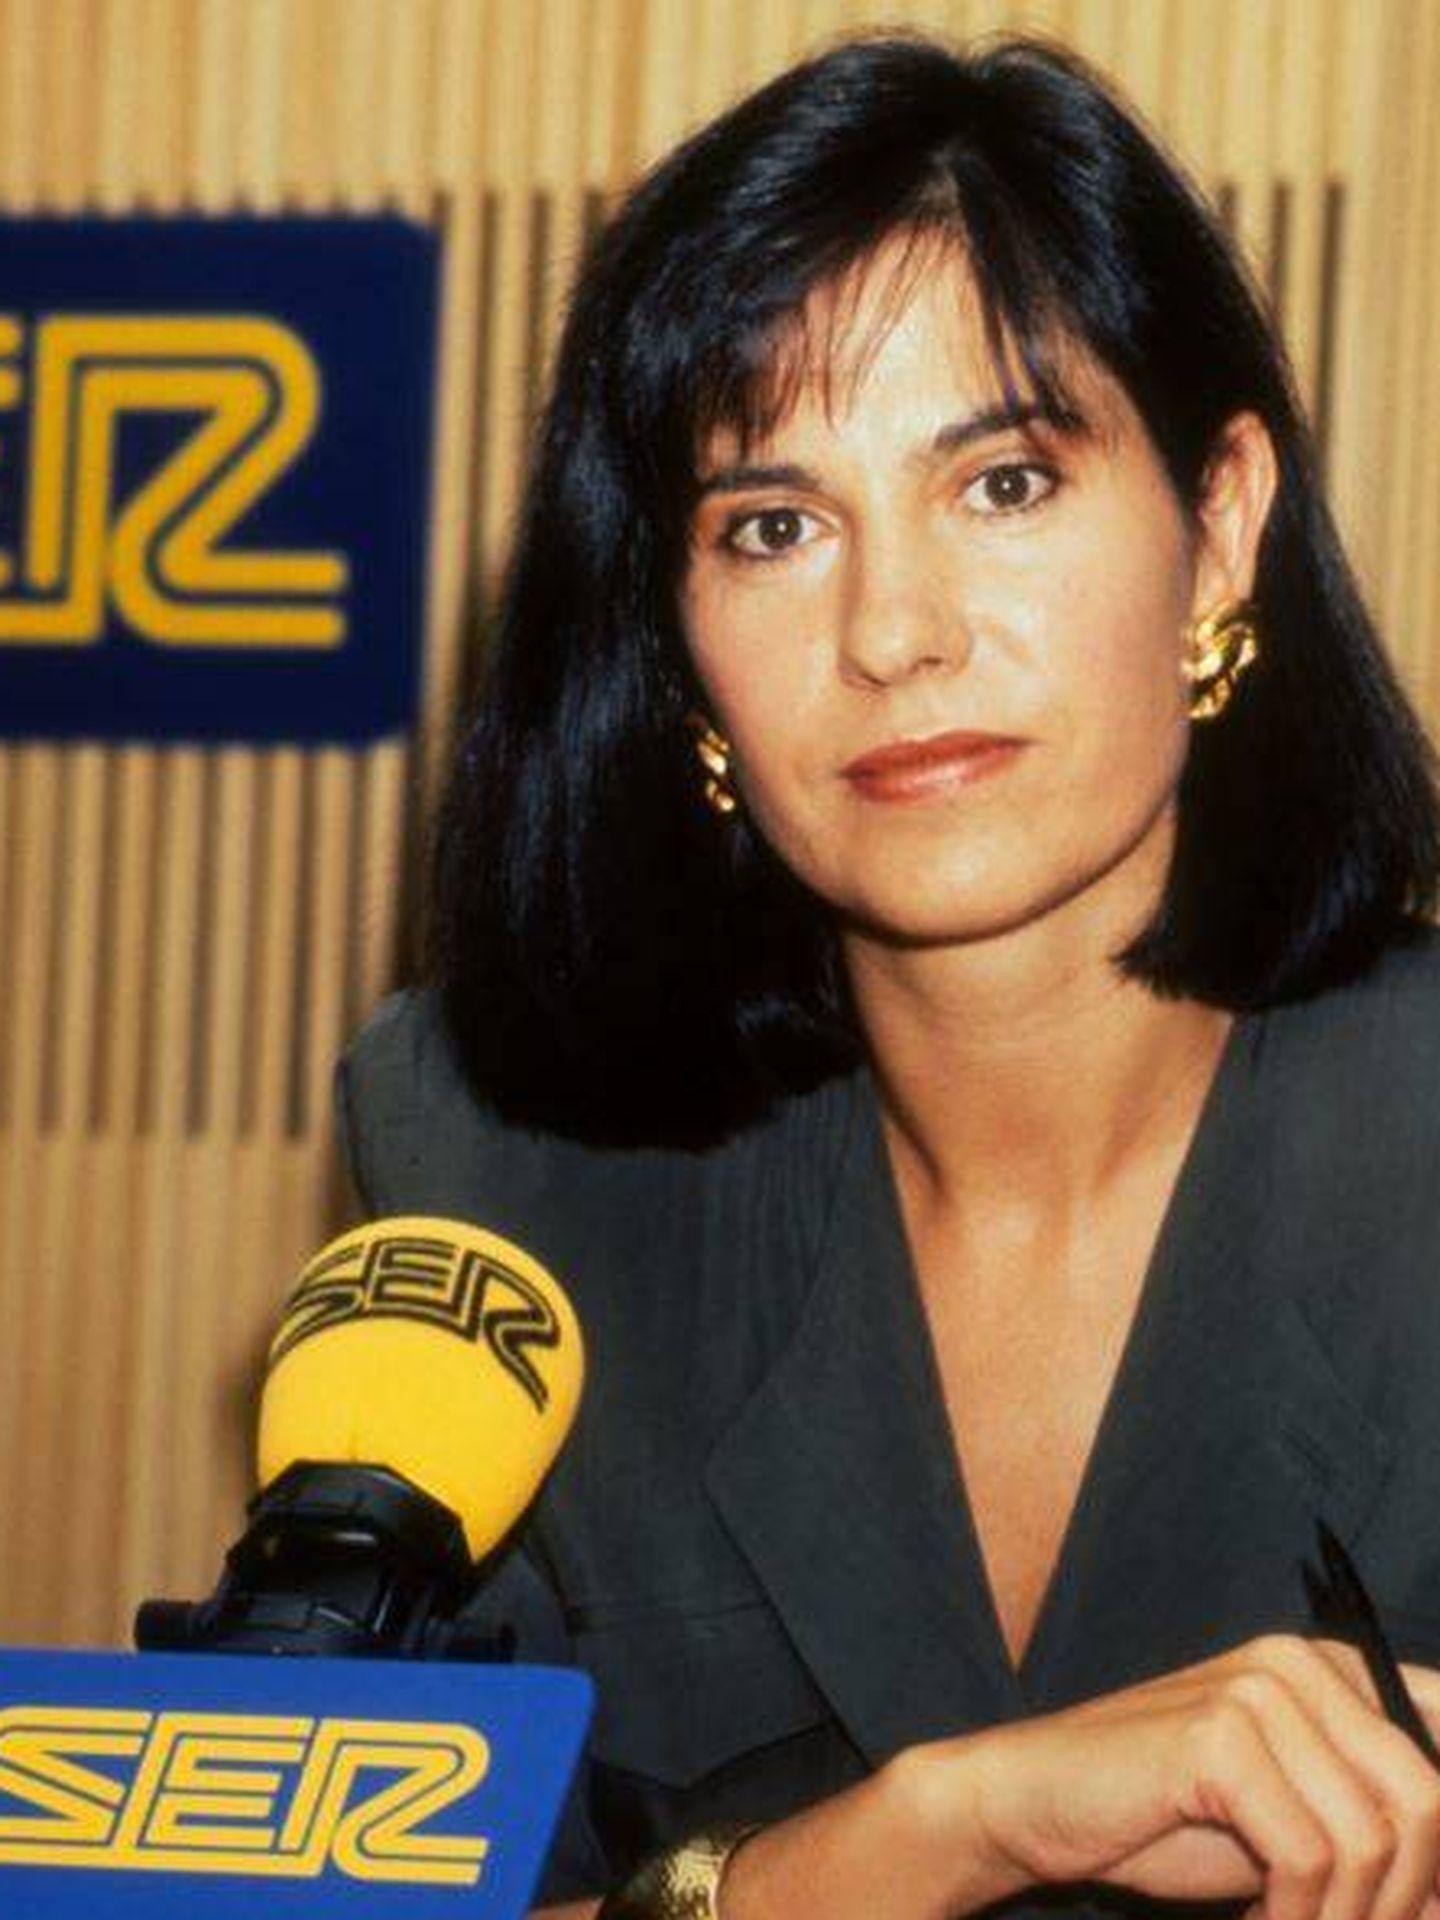 La periodista durante su época en Cadena Ser. (Plaza & Janés)